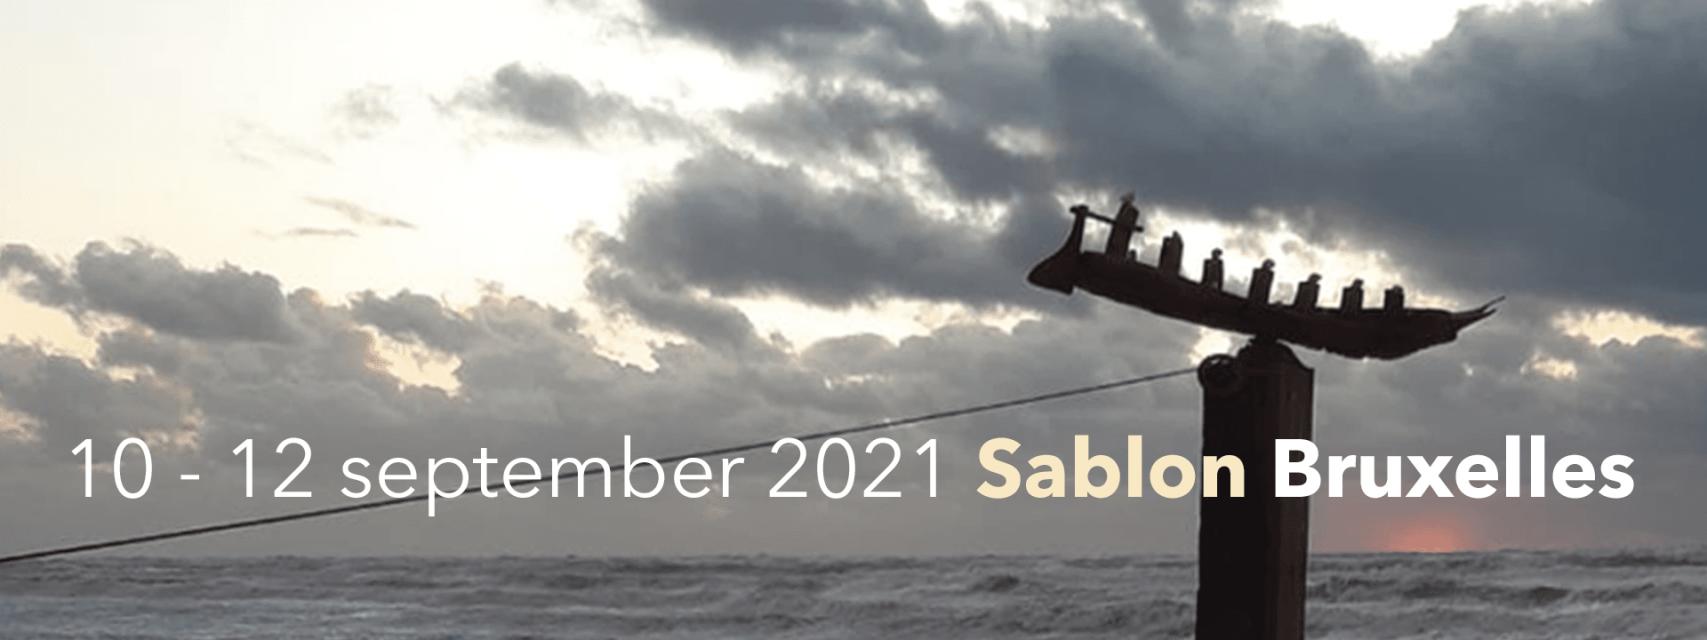 Sablon Bruxelles  2021